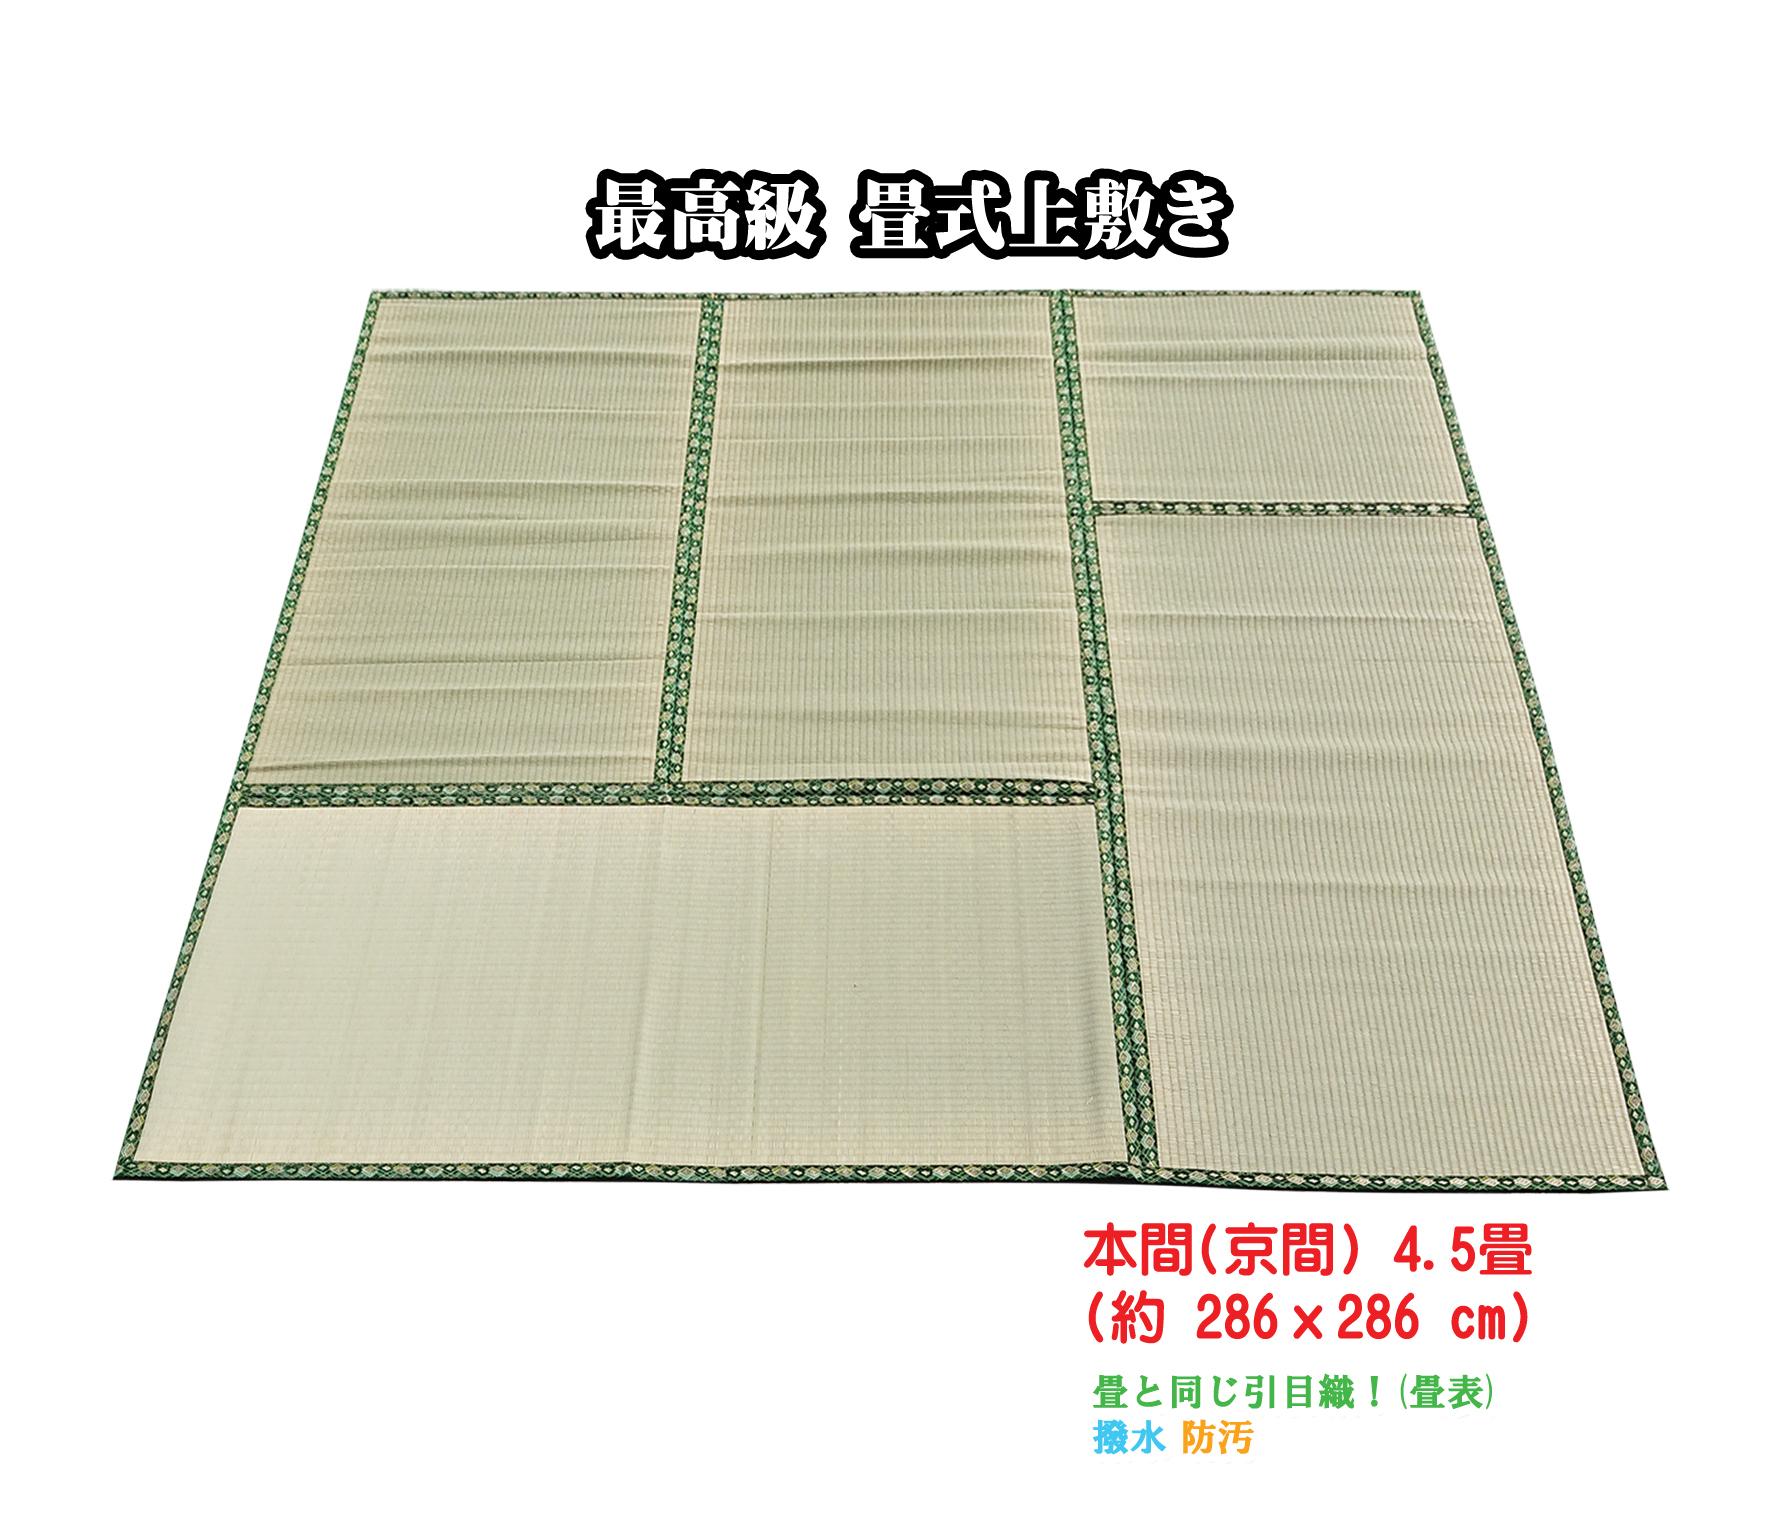 最高級 畳式上敷き(本間/京間) 4.5畳